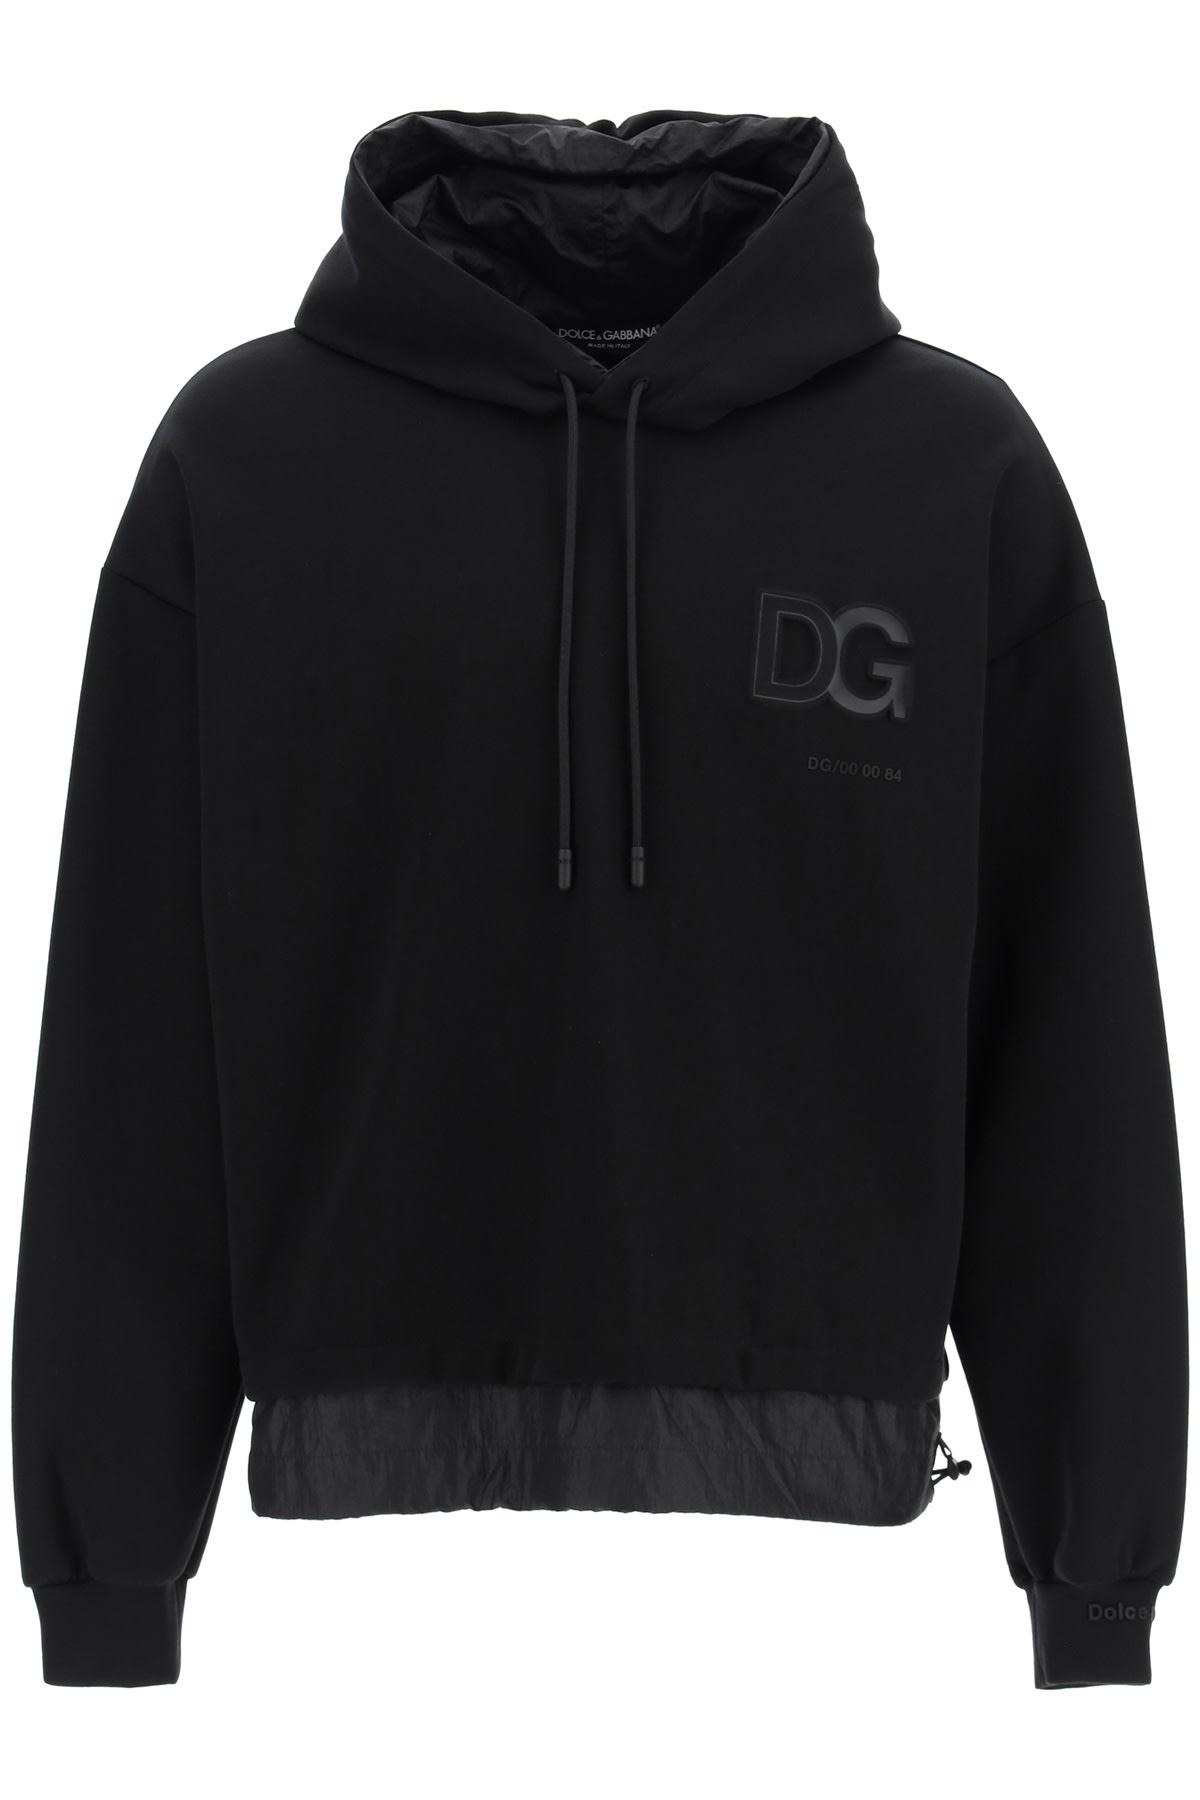 Dolce & Gabbana 3D LOGO HOODIE